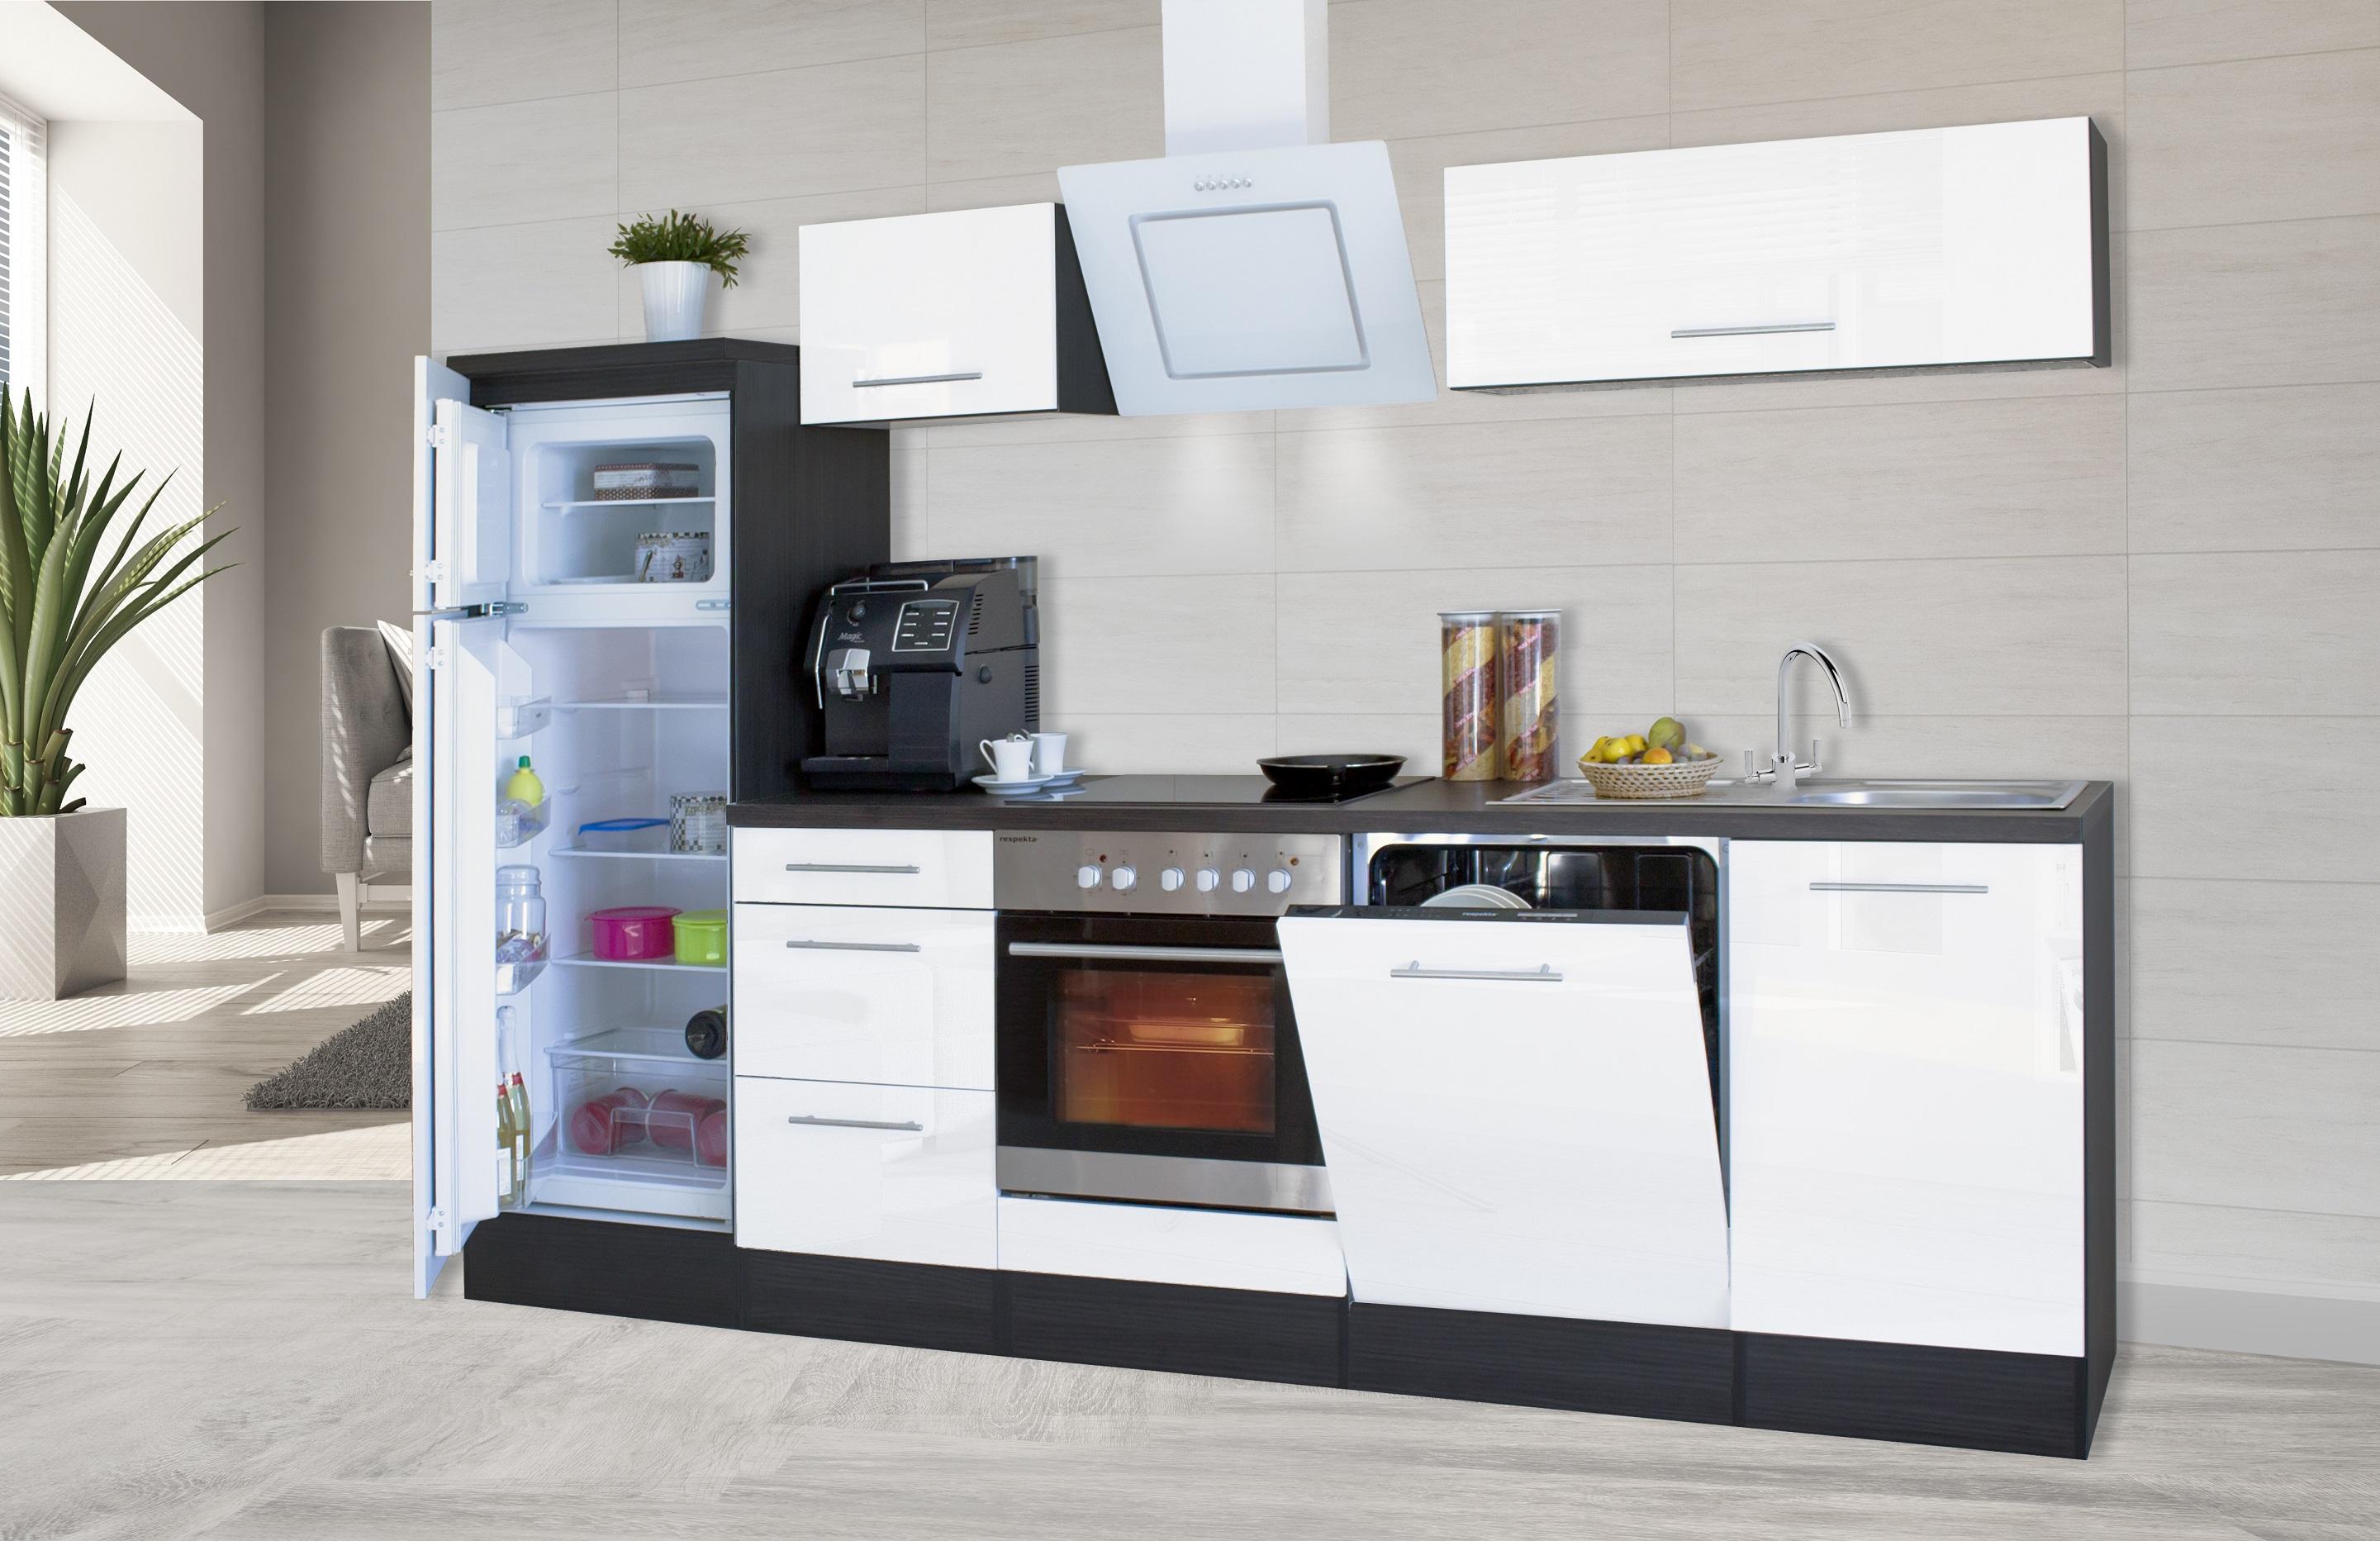 respekta premium einbau k che k chenzeile 280 cm eiche weiss glanz ceran umluft ebay. Black Bedroom Furniture Sets. Home Design Ideas